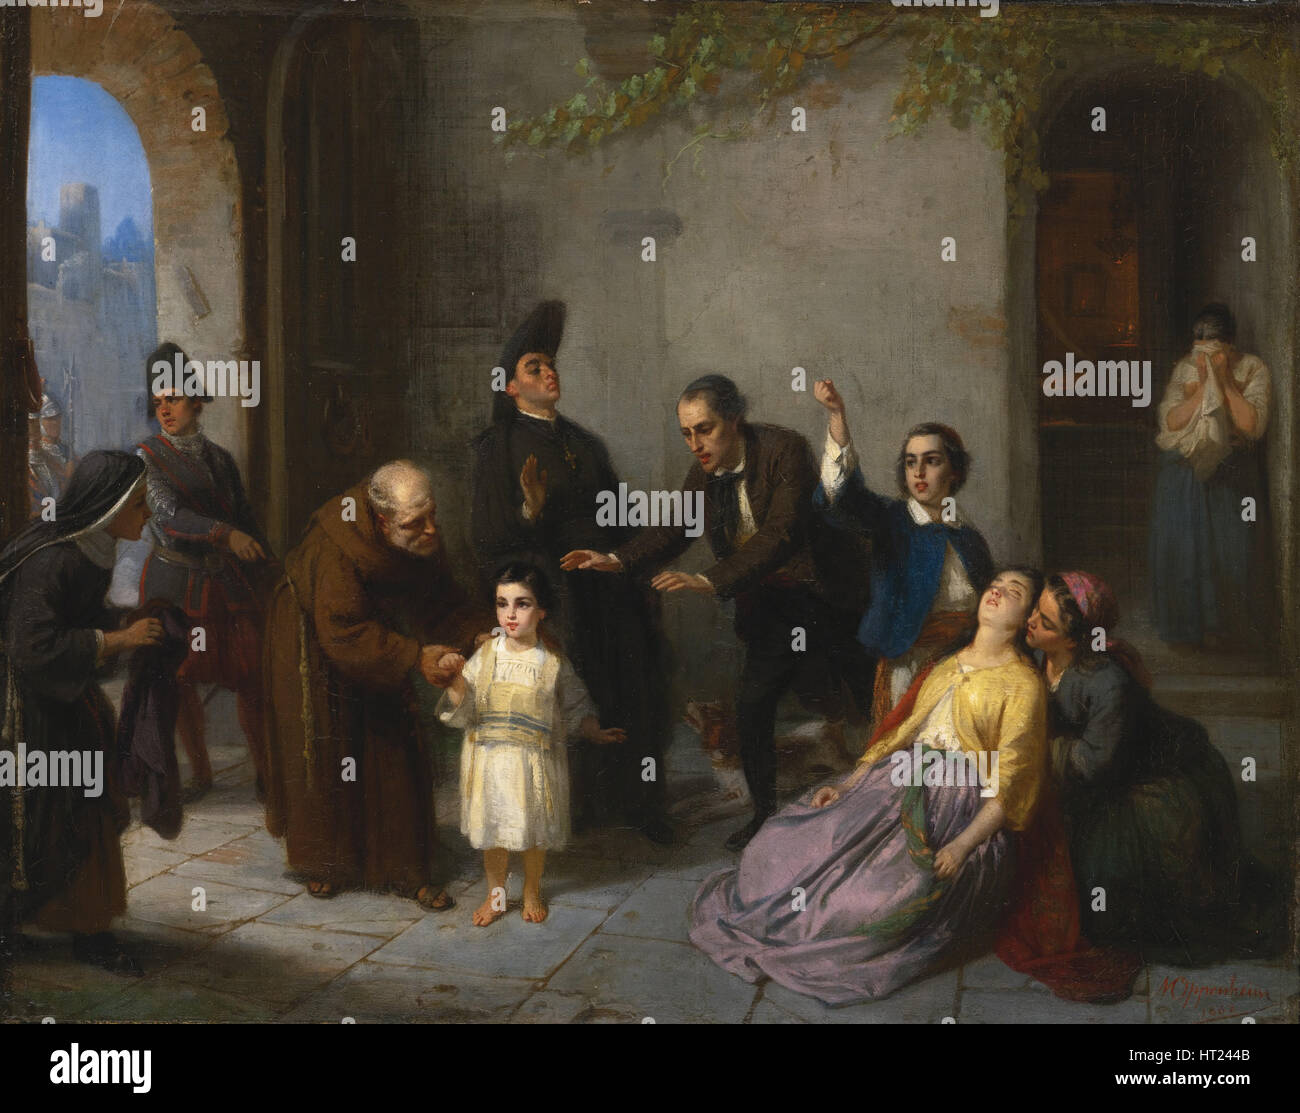 Il rapimento di Edgardo Mortara, 1862. Artista: Oppenheim, Moritz Daniel (1800-1882) Immagini Stock